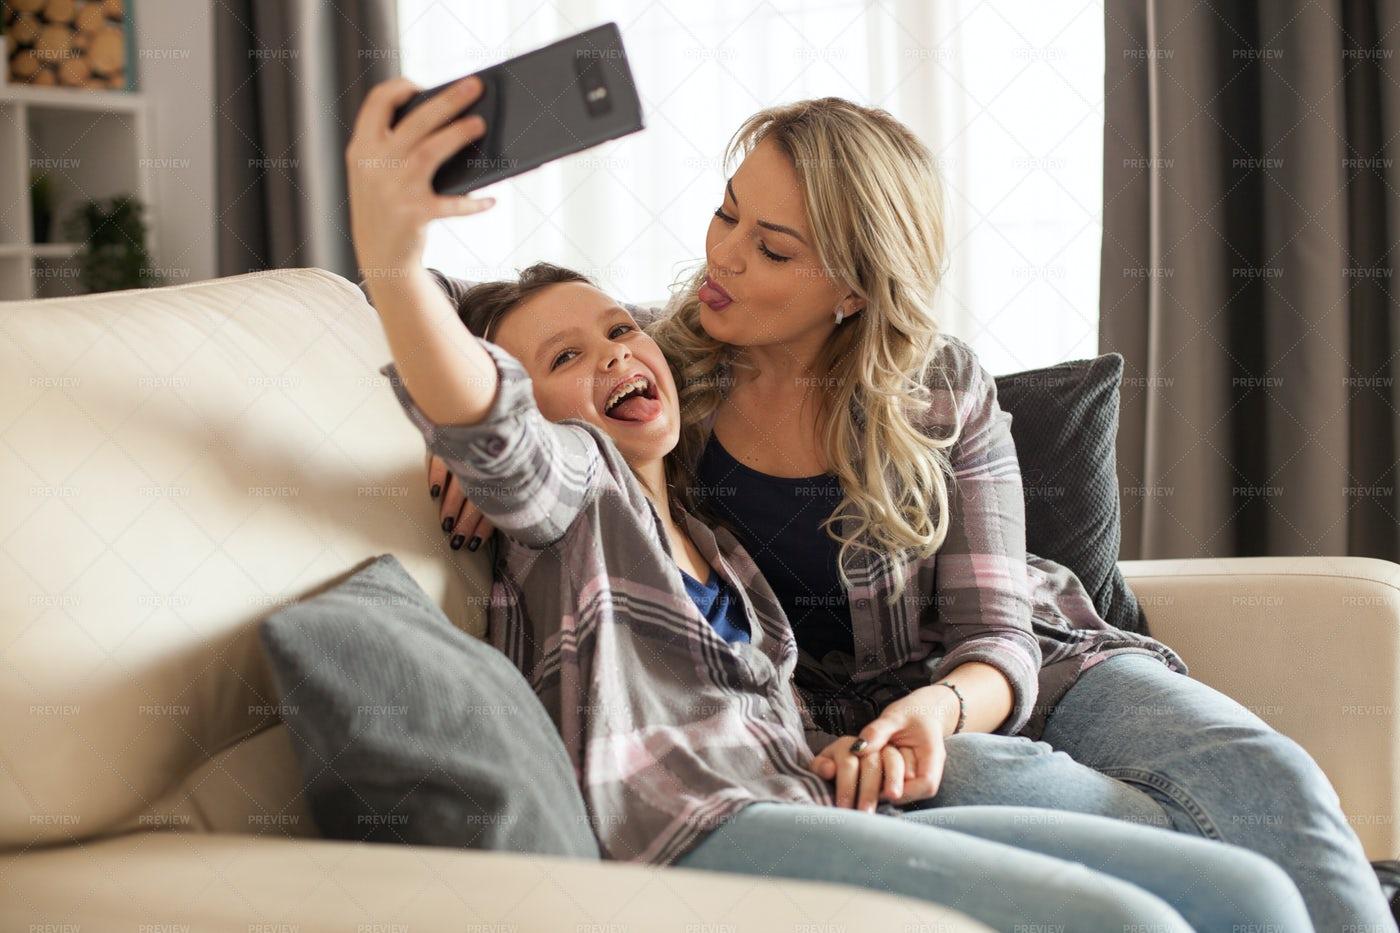 Sofa Selfies: Stock Photos